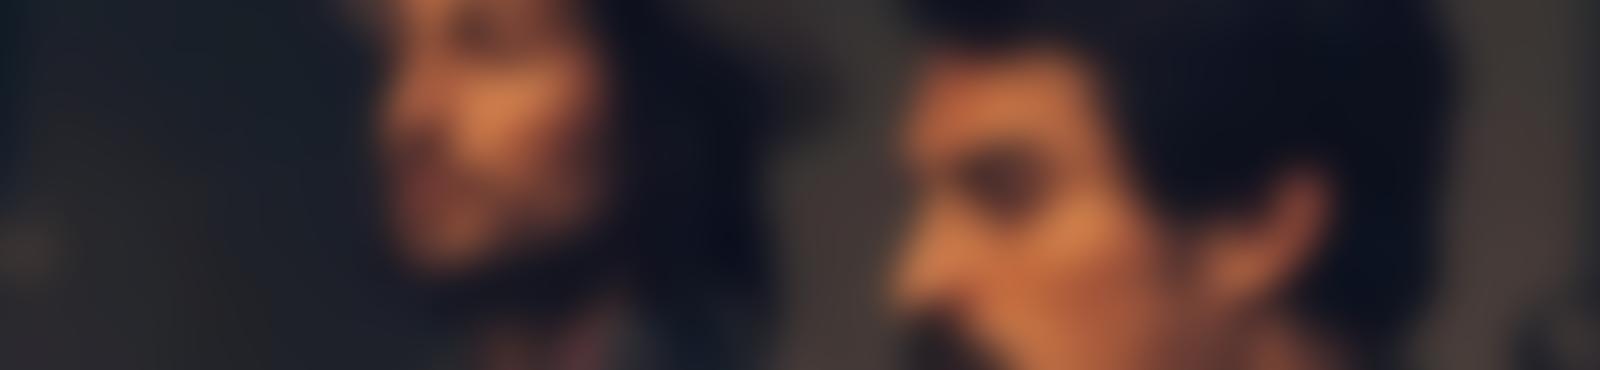 Blurred 6fd36d7f 8a10 4c21 9420 30c6f24eb018